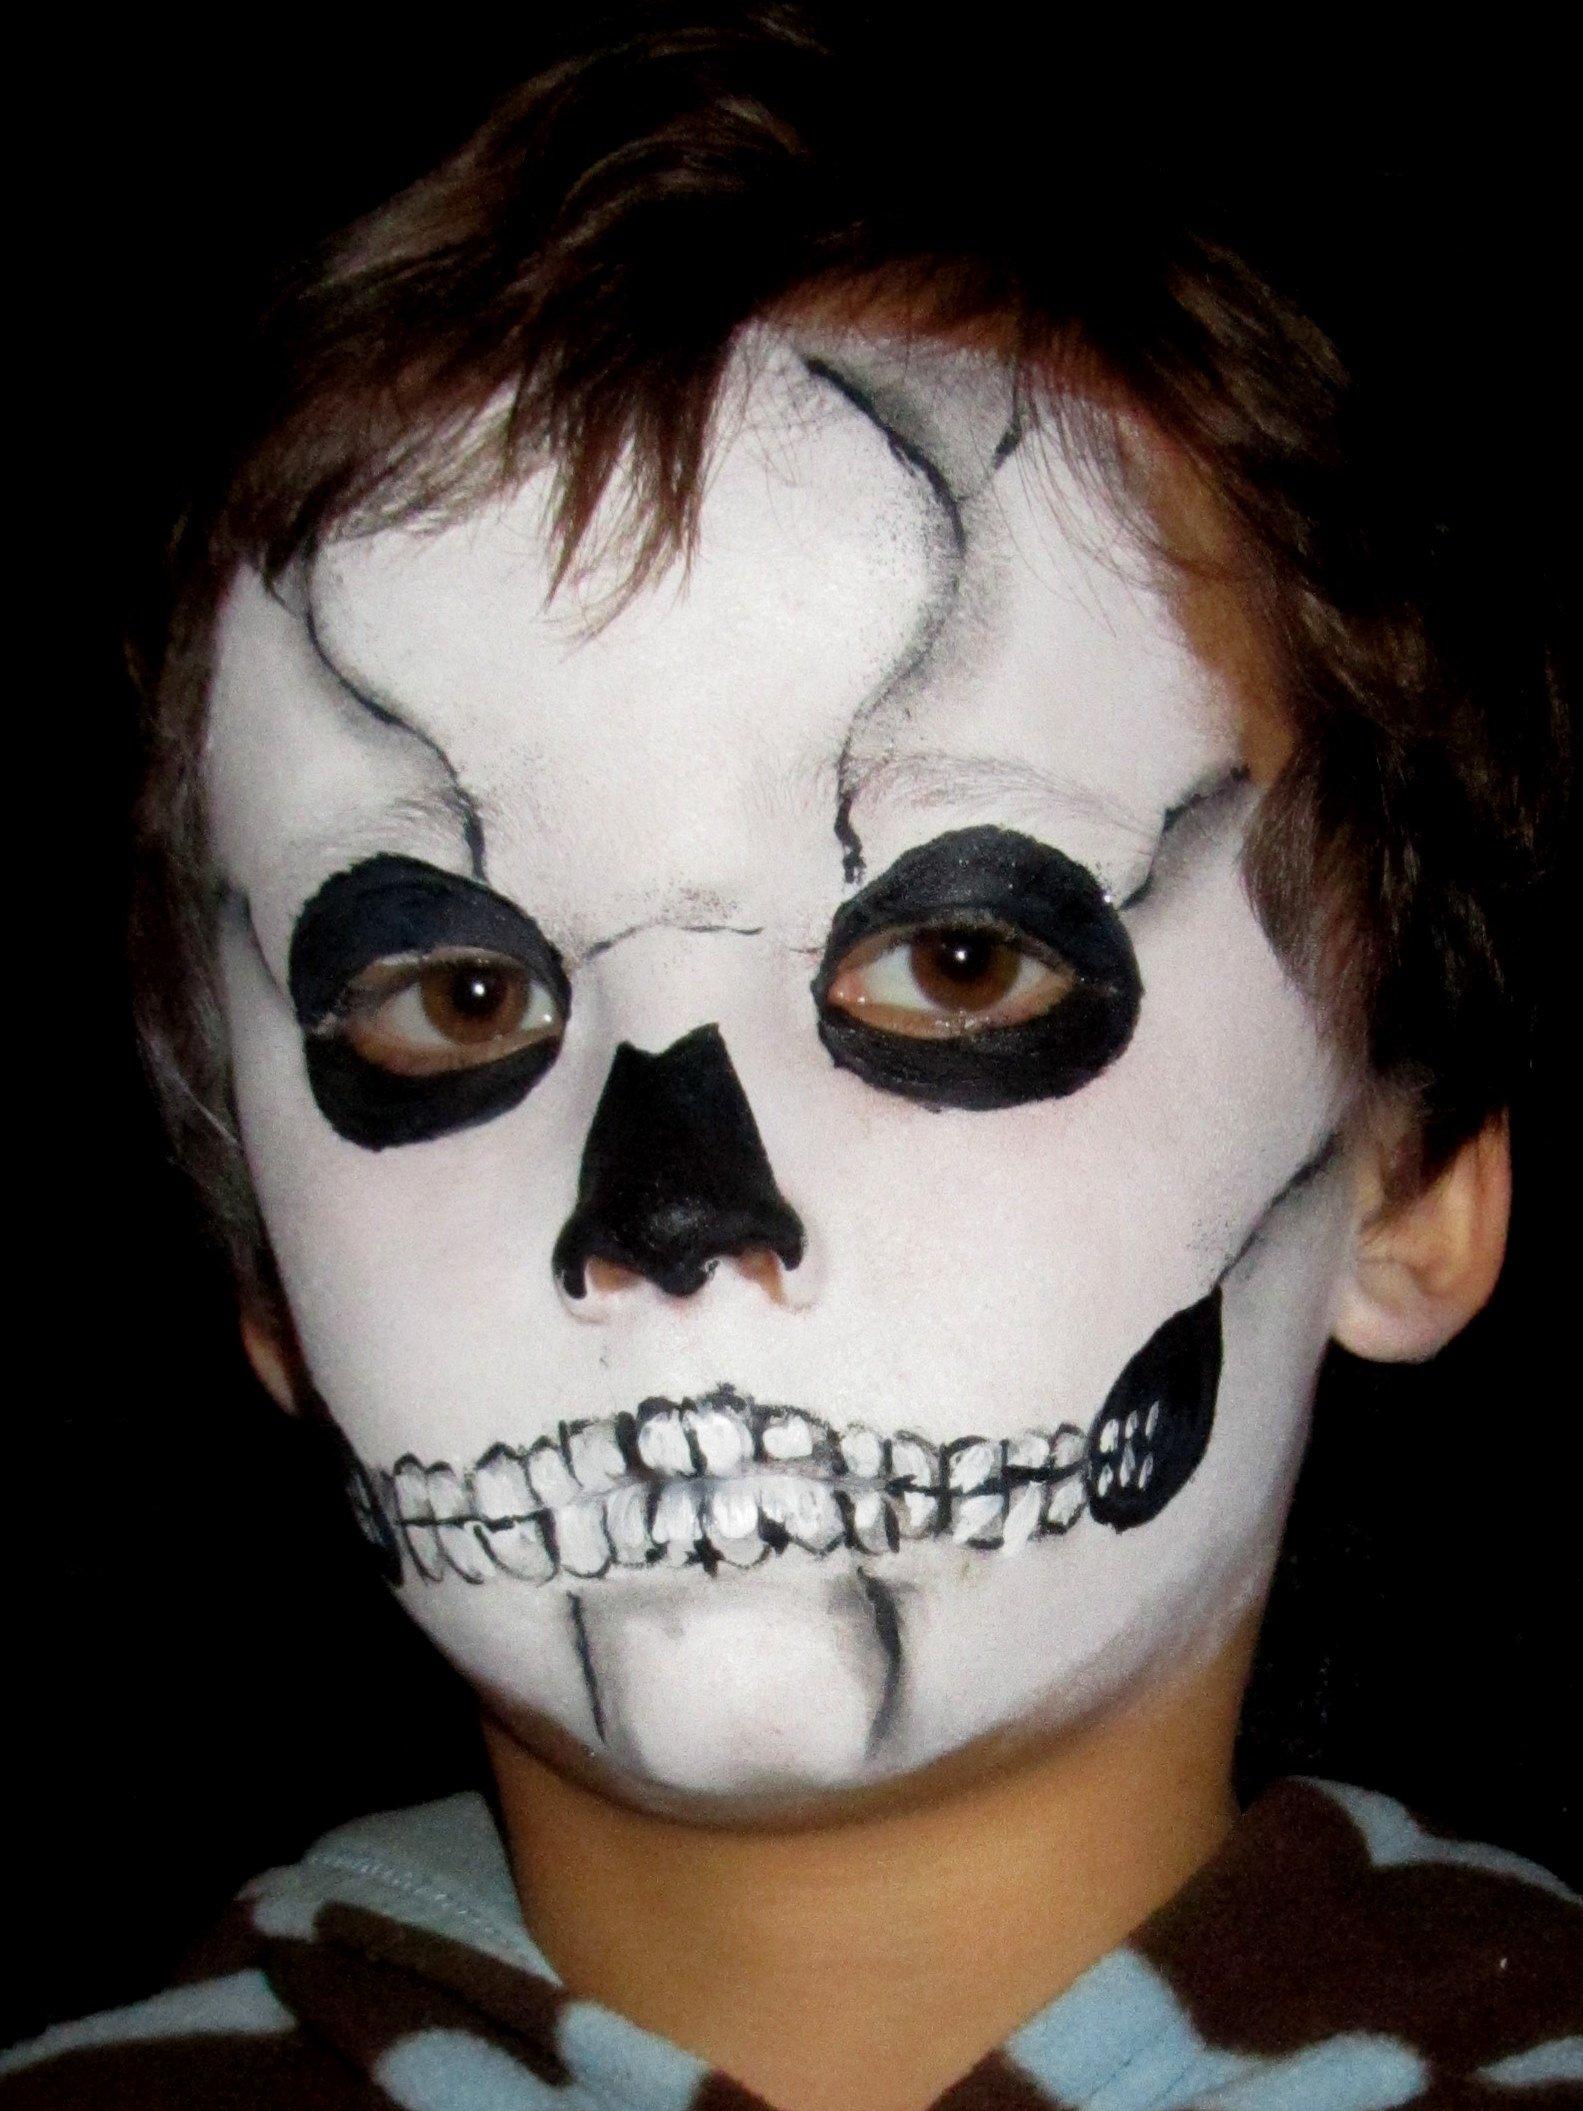 10 Best Cool Halloween Face Paint Ideas face painting designs celestielle paint 1 2021